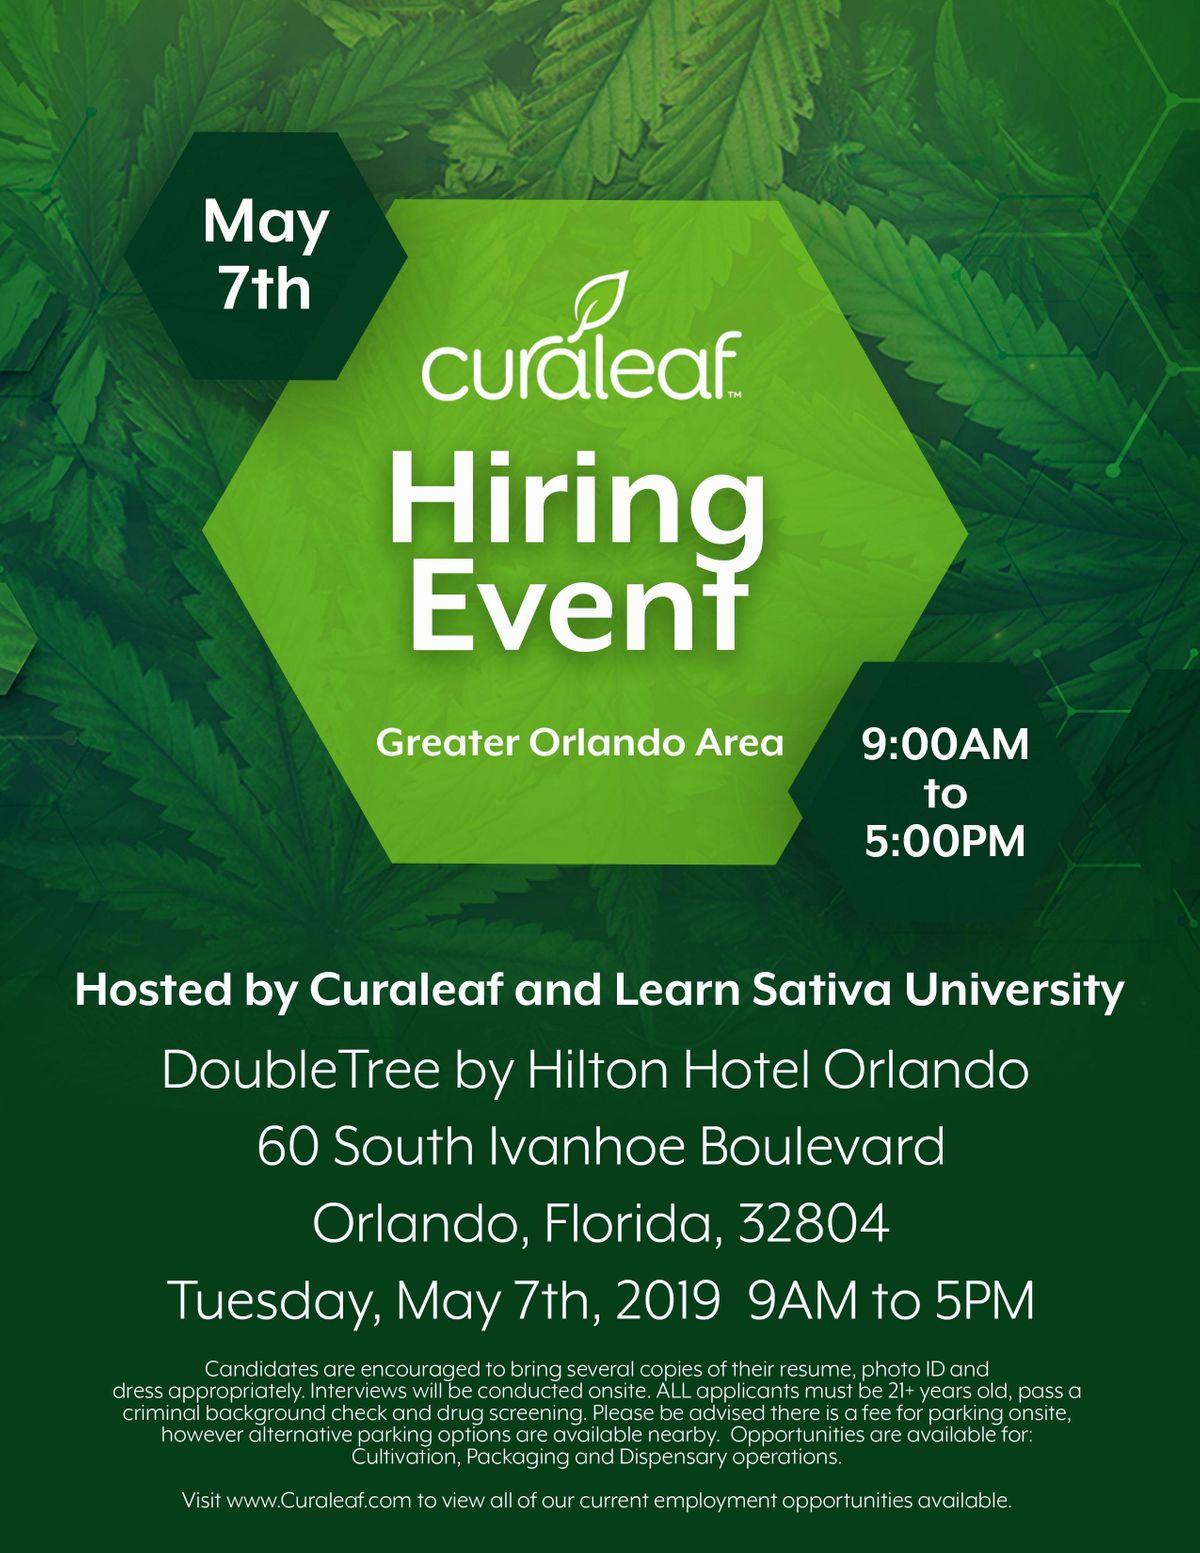 Curaleaf FL Hiring Event at 60 S Ivanhoe Blvd, Orlando